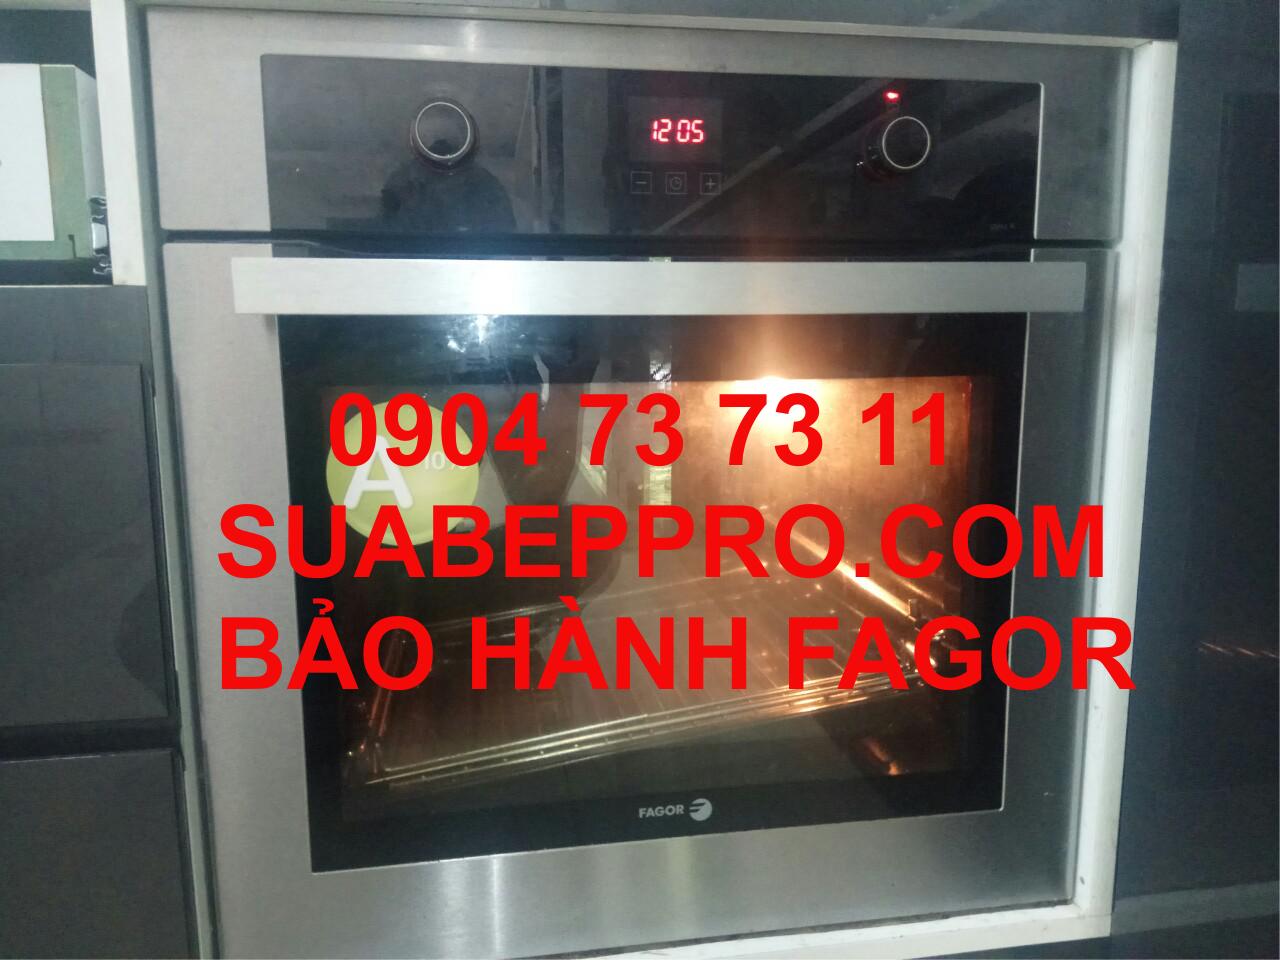 Sửa lò nướng fagor nhập khẩu châu âu, bảo hành lò nướng fagor uy tín hàng đầu tại HCM